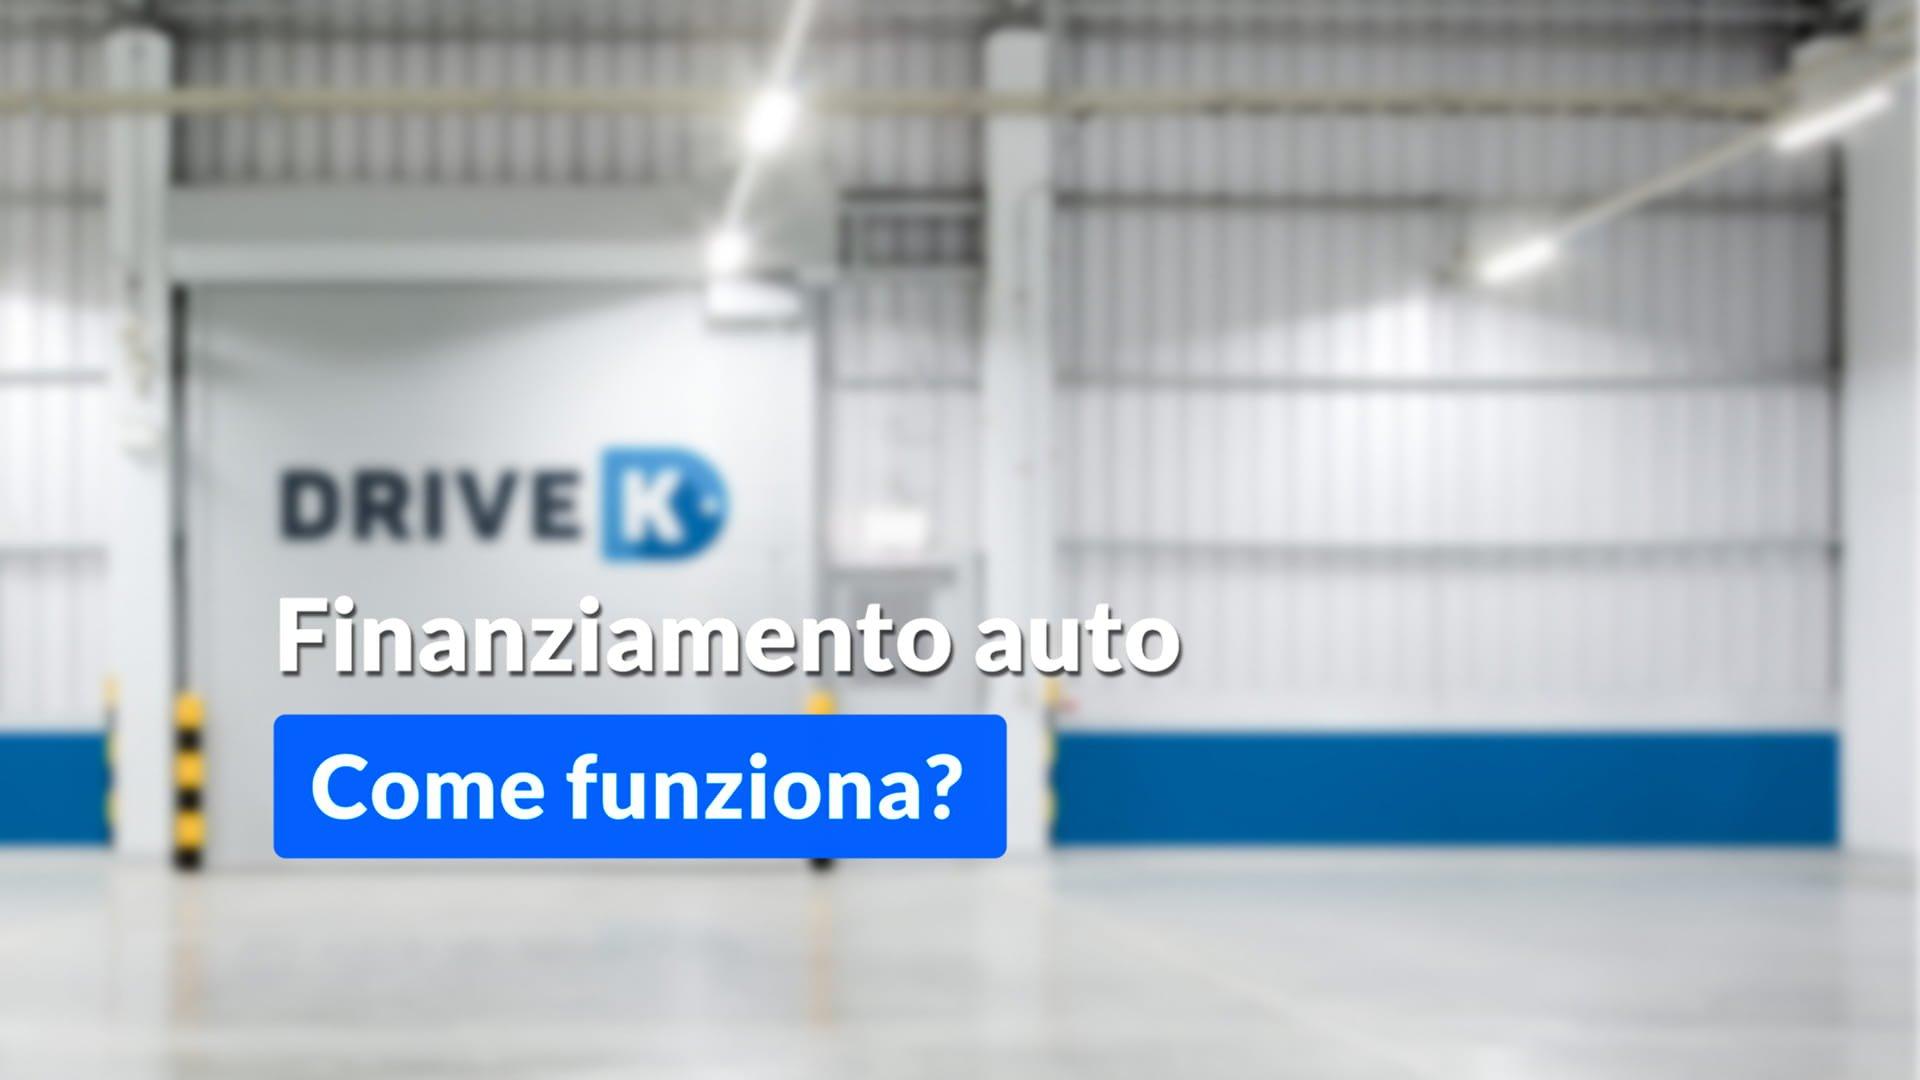 Finanziamento Auto Come Funziona Ce Lo Spiega Alessio Frassinetti